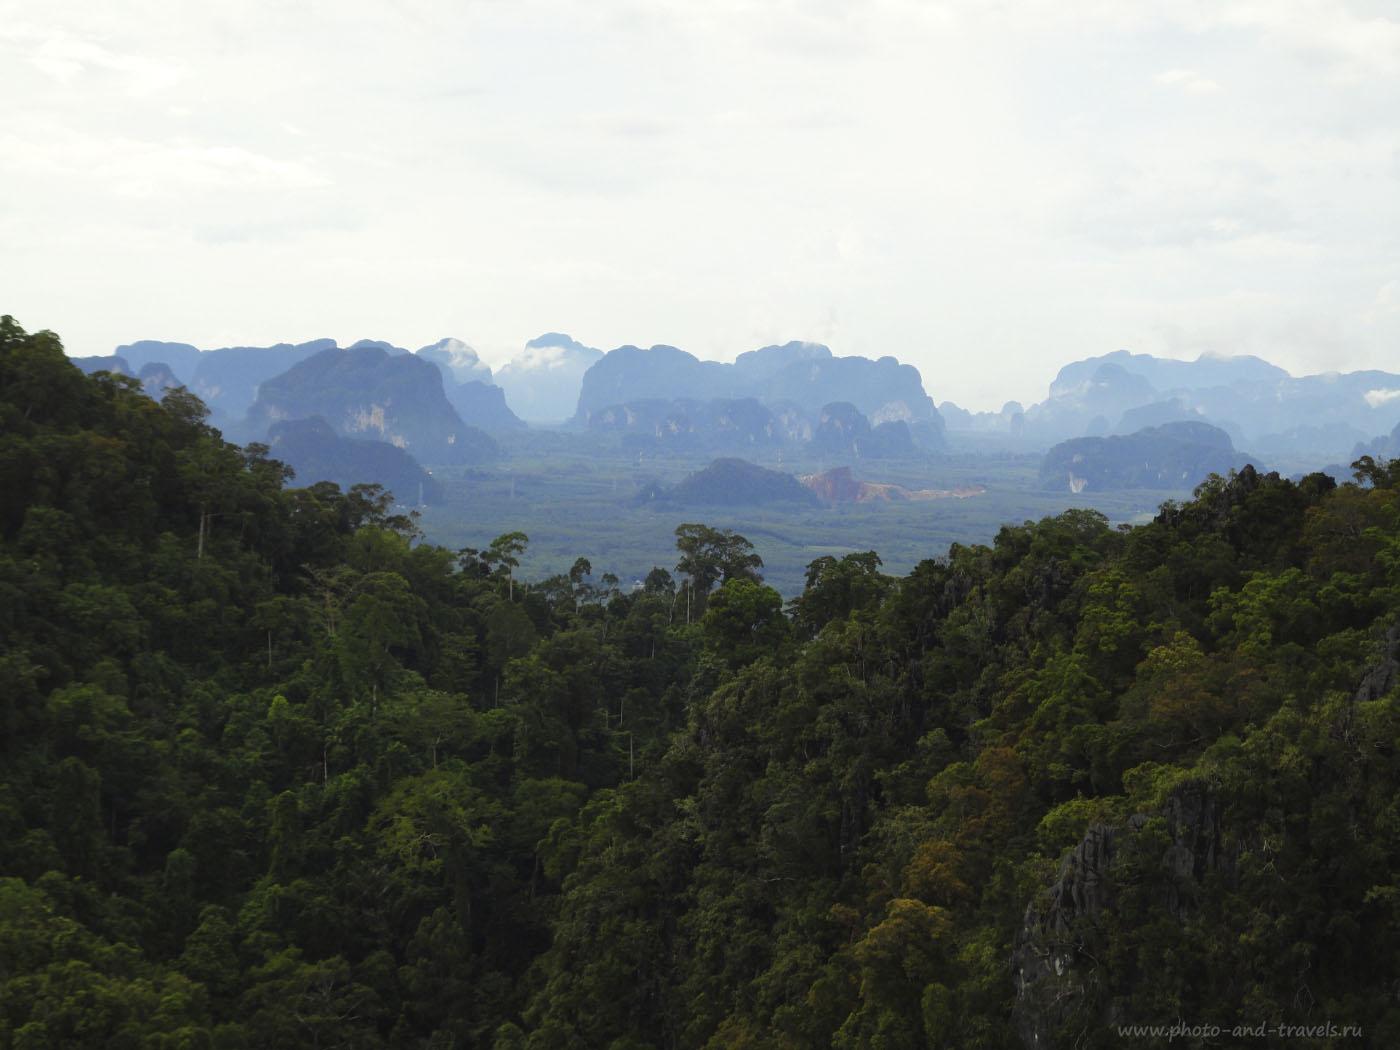 Фотография 8. Отзывы туристов об экскурсиях в провинции Краби. На полуострове имеется несколько национальных парков, куда можно отправиться в поход самостоятельно. Вот такой вид открывается с вершины горы Тигриного Храма.